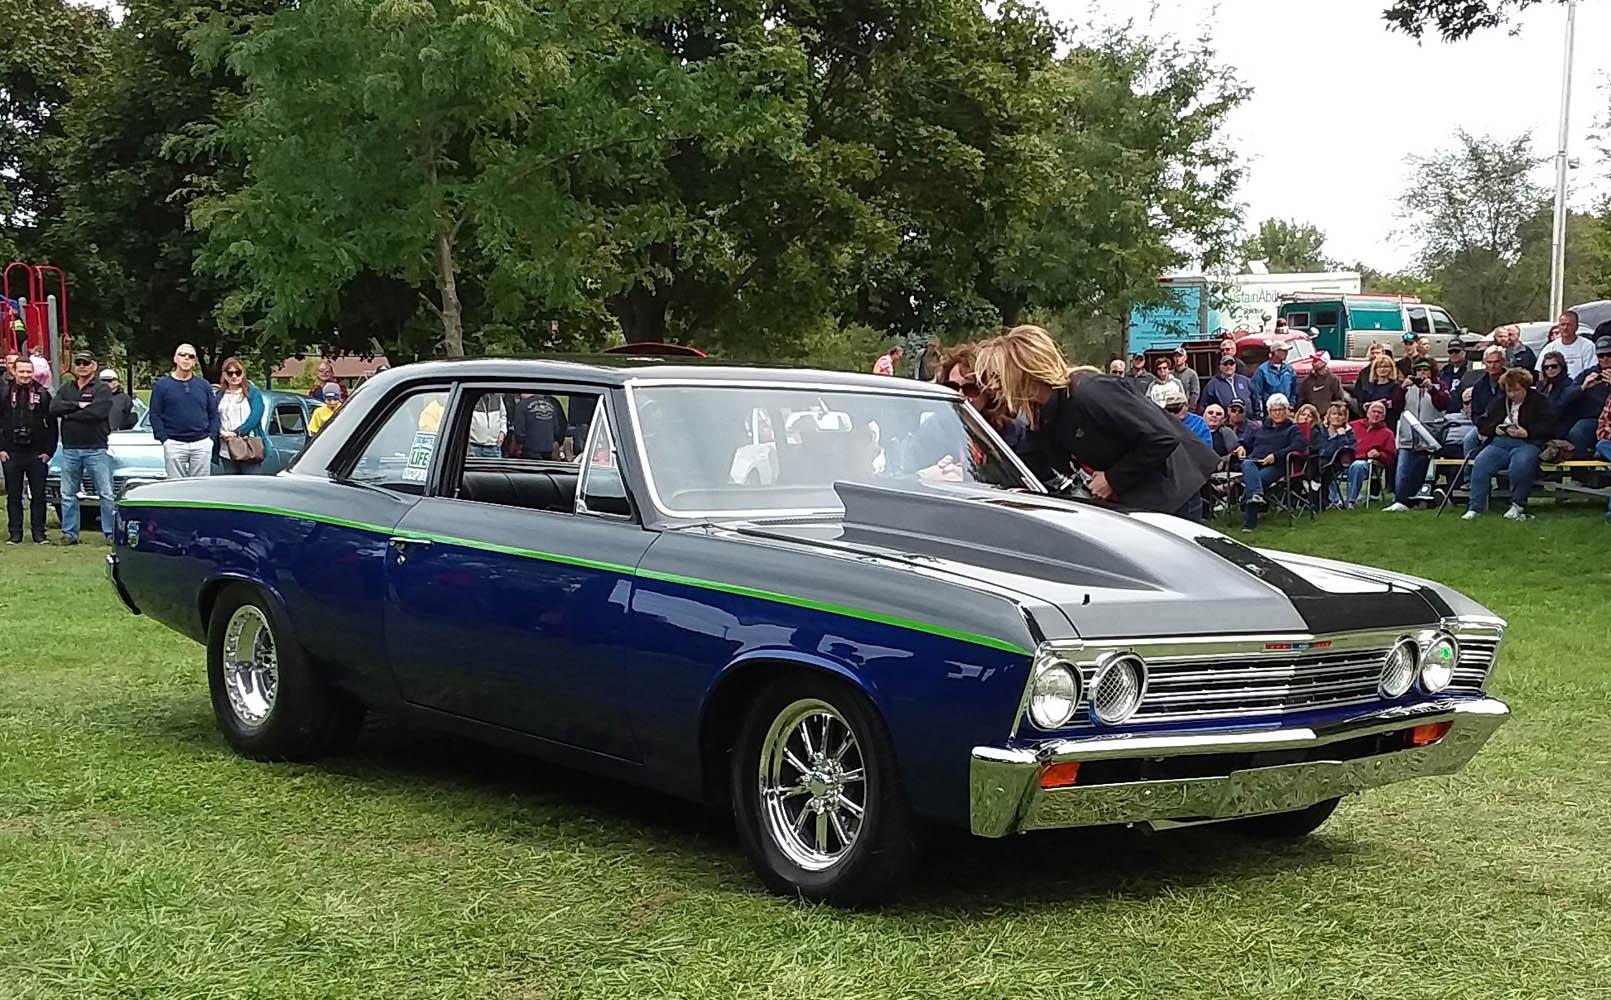 Specialty- 1967 Chevy Malibu 300 Deluxe, Jamey Carey 1